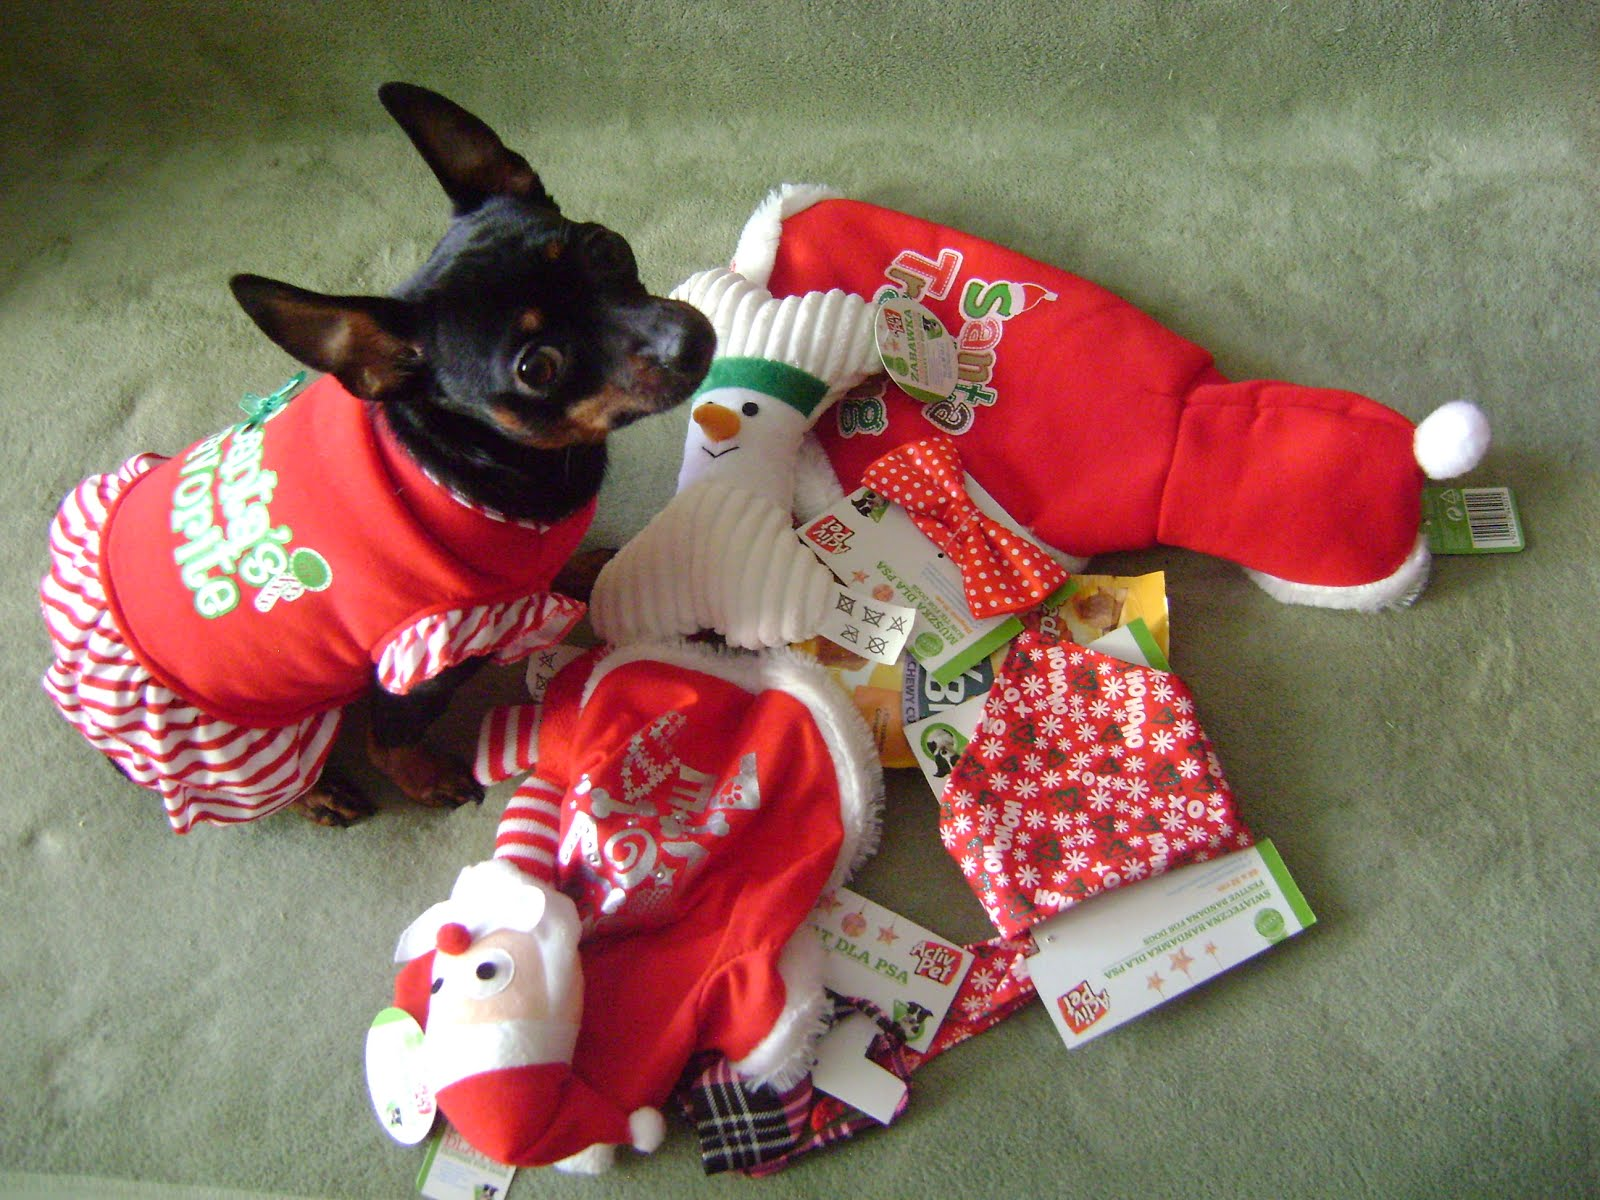 śladami Zwierząt Mikołaj 6 Grudnia